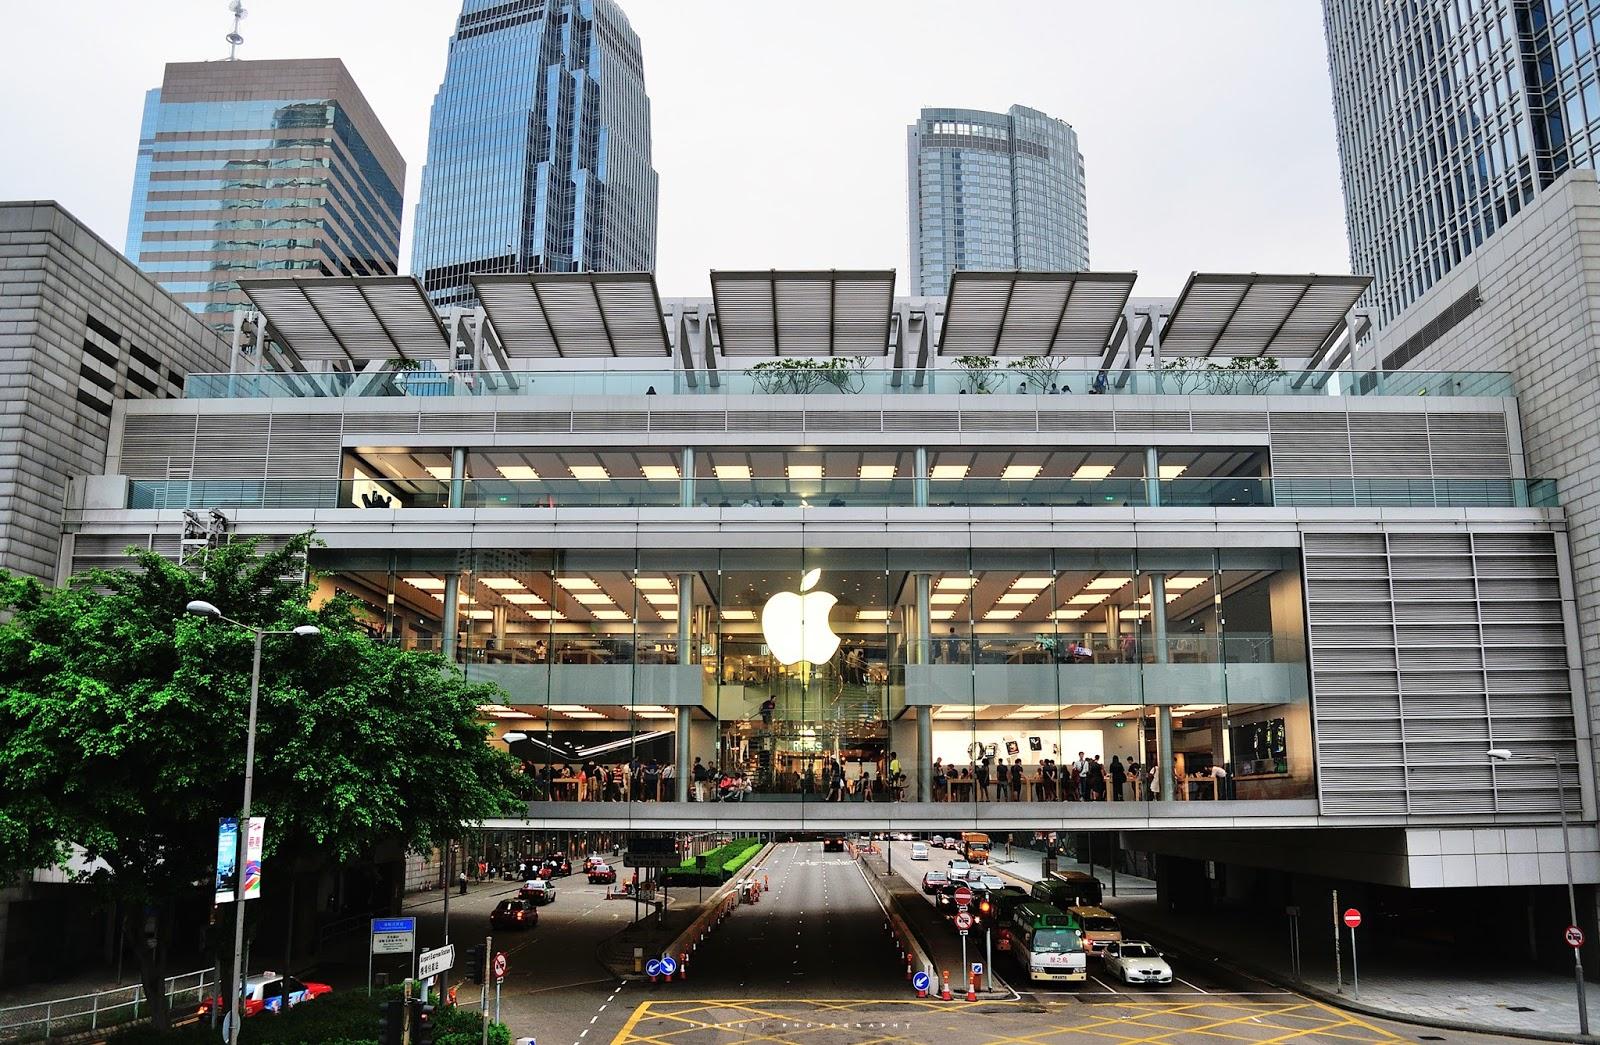 Derek Design: [ 香港中環 Apple Store ifc mall ]